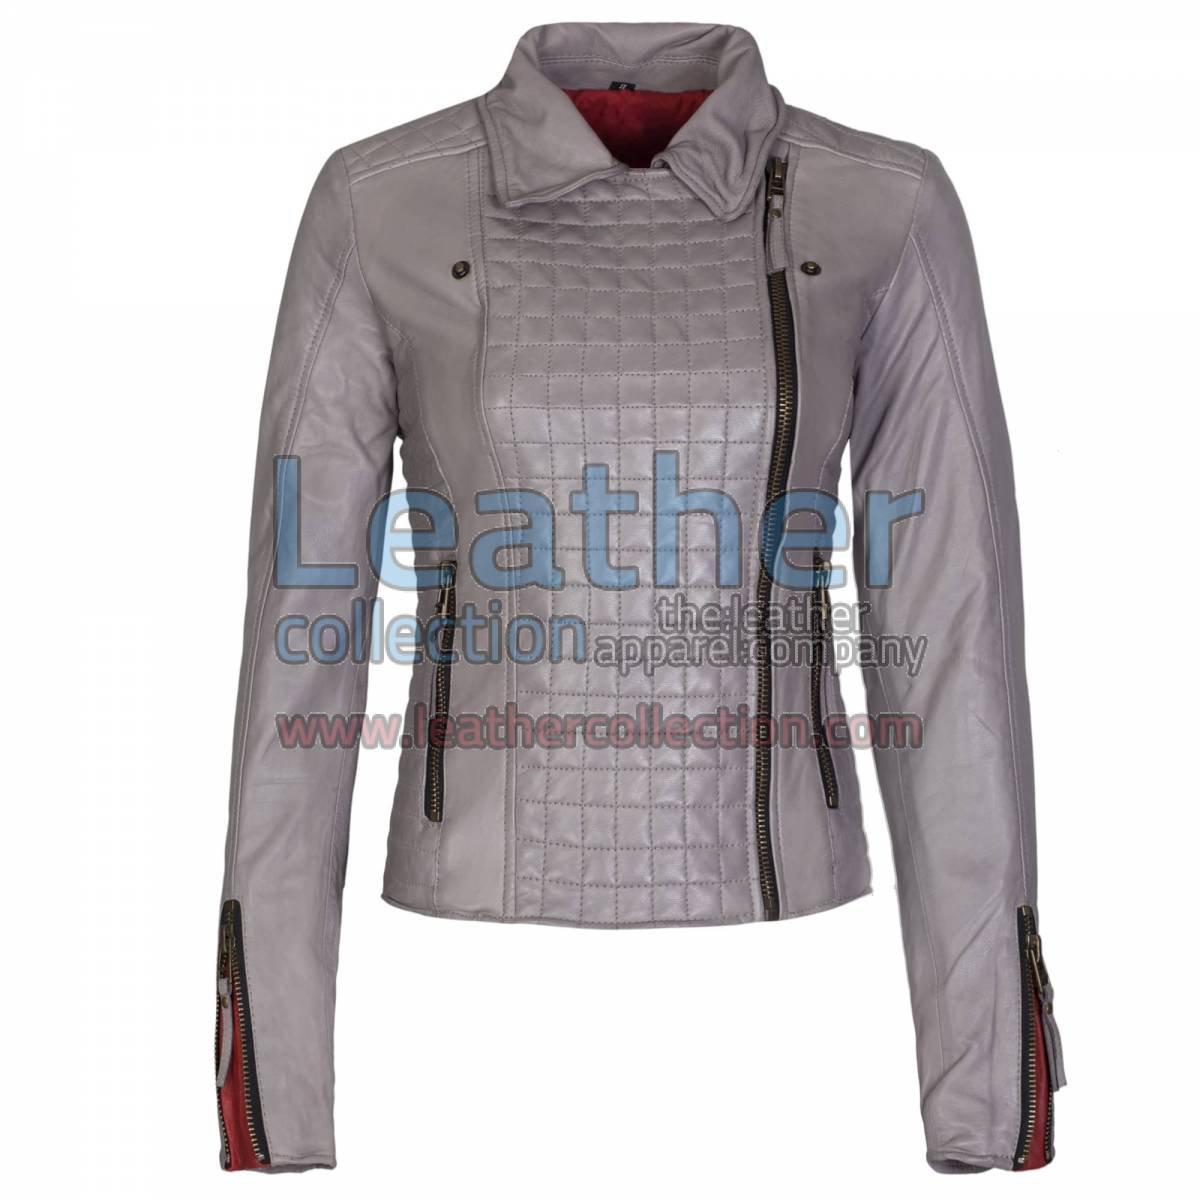 Heritage Ladies Fashion Leather Jacket Grey